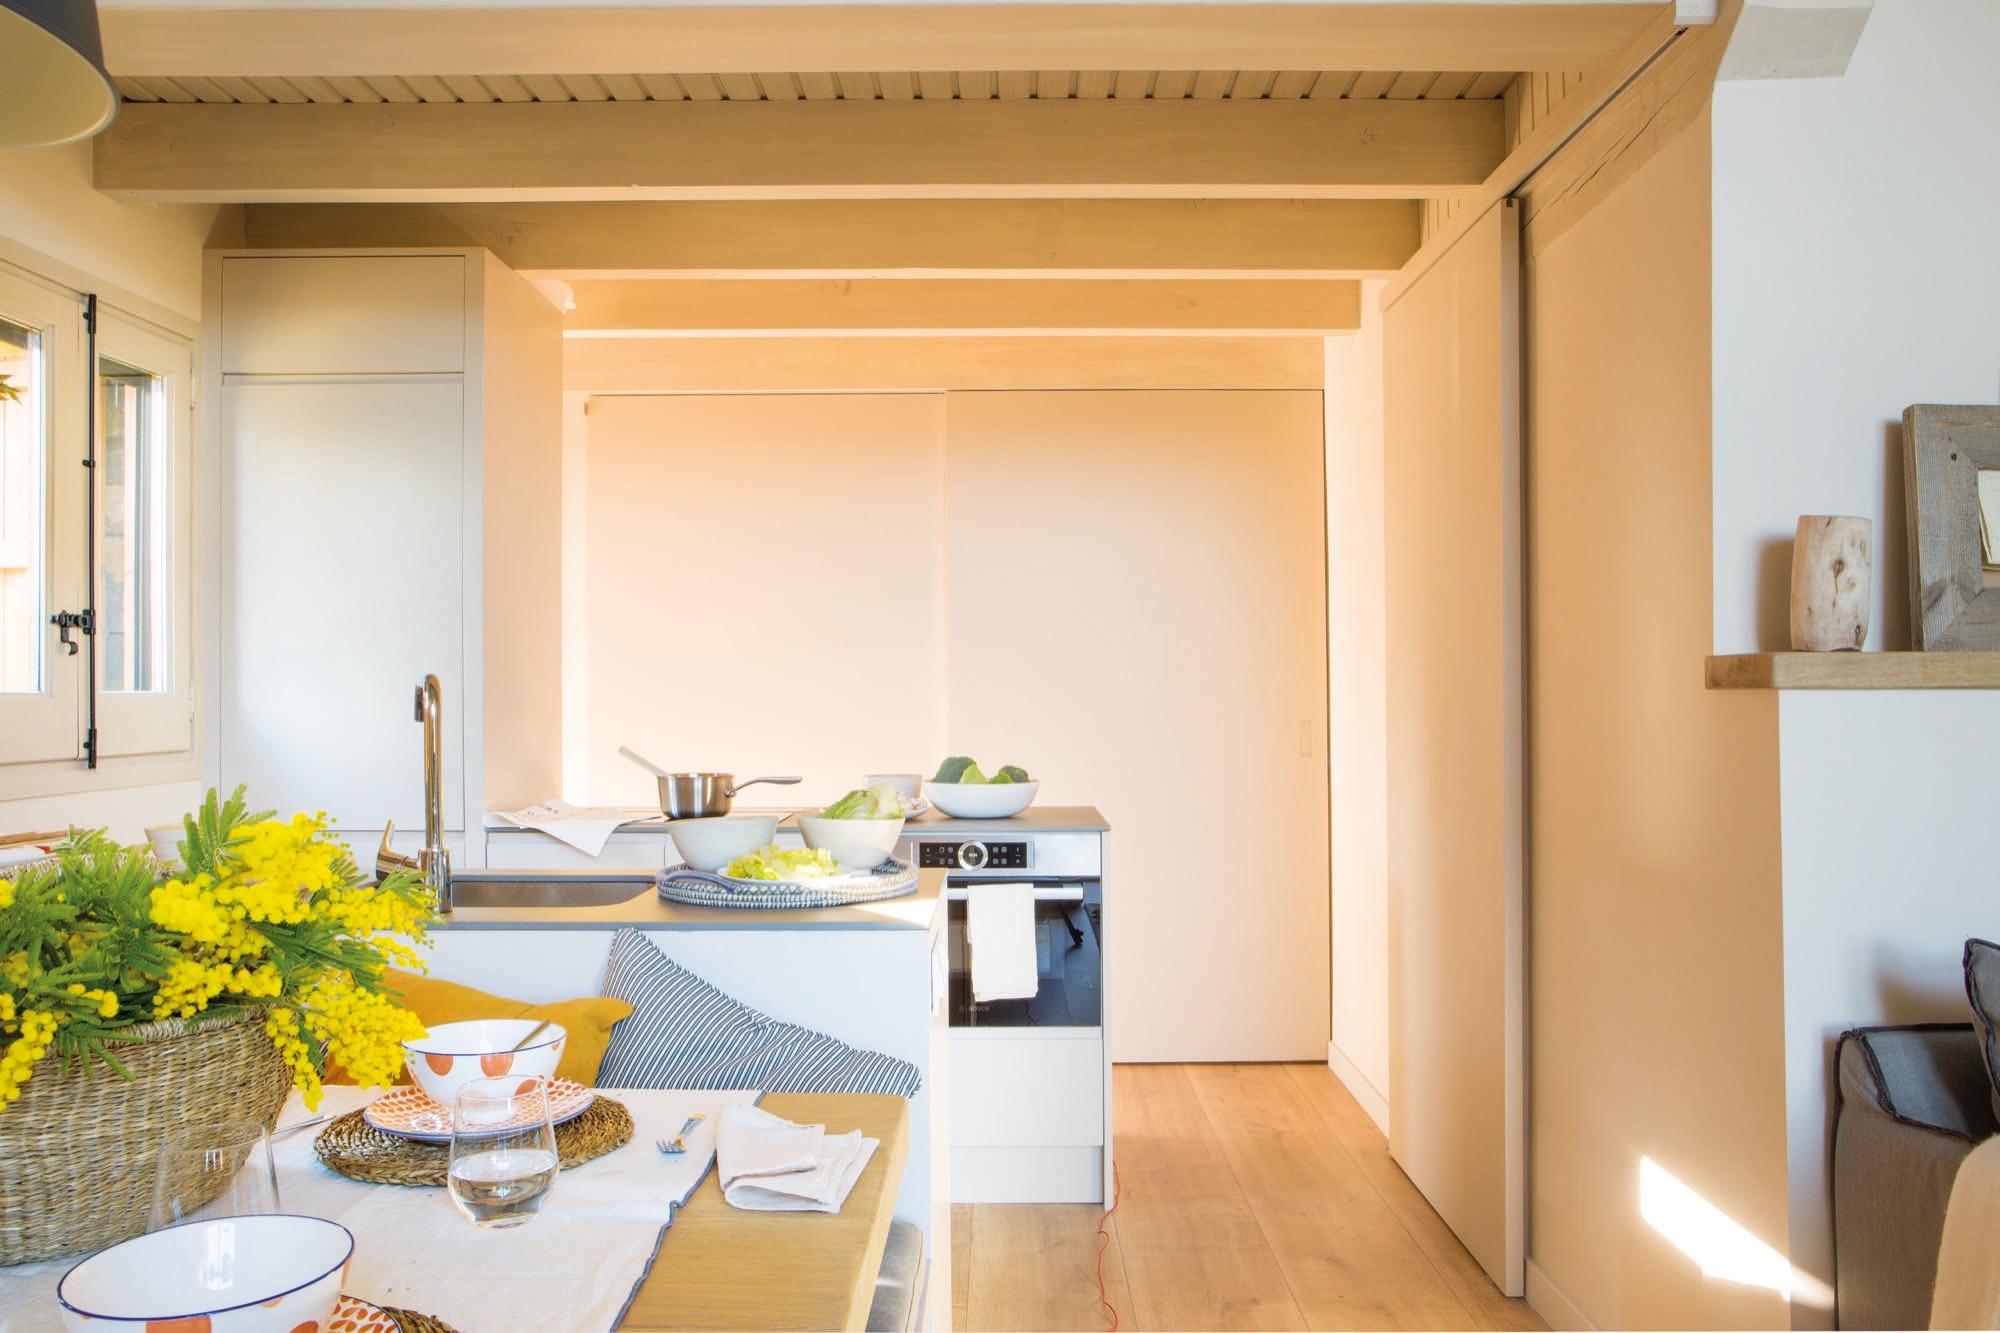 Una caba ita para los fines de semana en familia for Distribucion cocina en paralelo